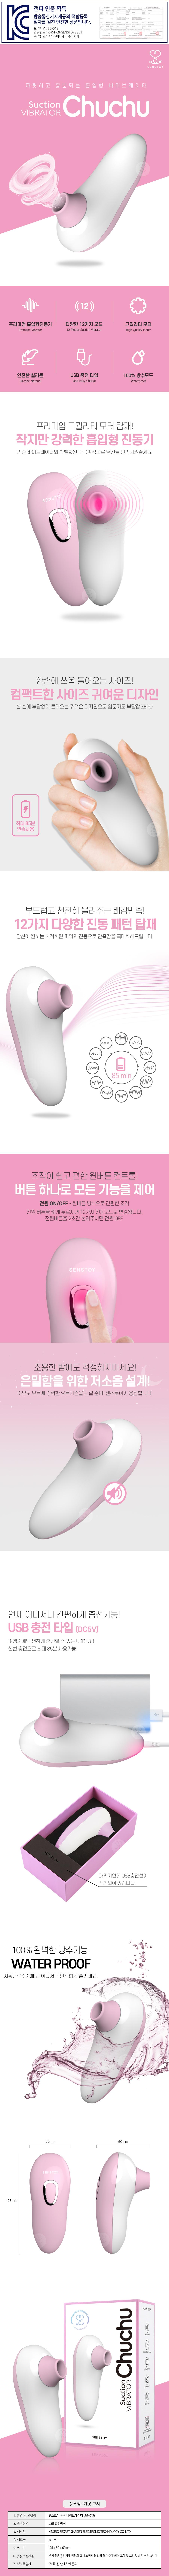 [센스토이] 츄츄 바이브레이터 (SENSTOY Chuchu Suction Vibrator) 상품정보제공 고시